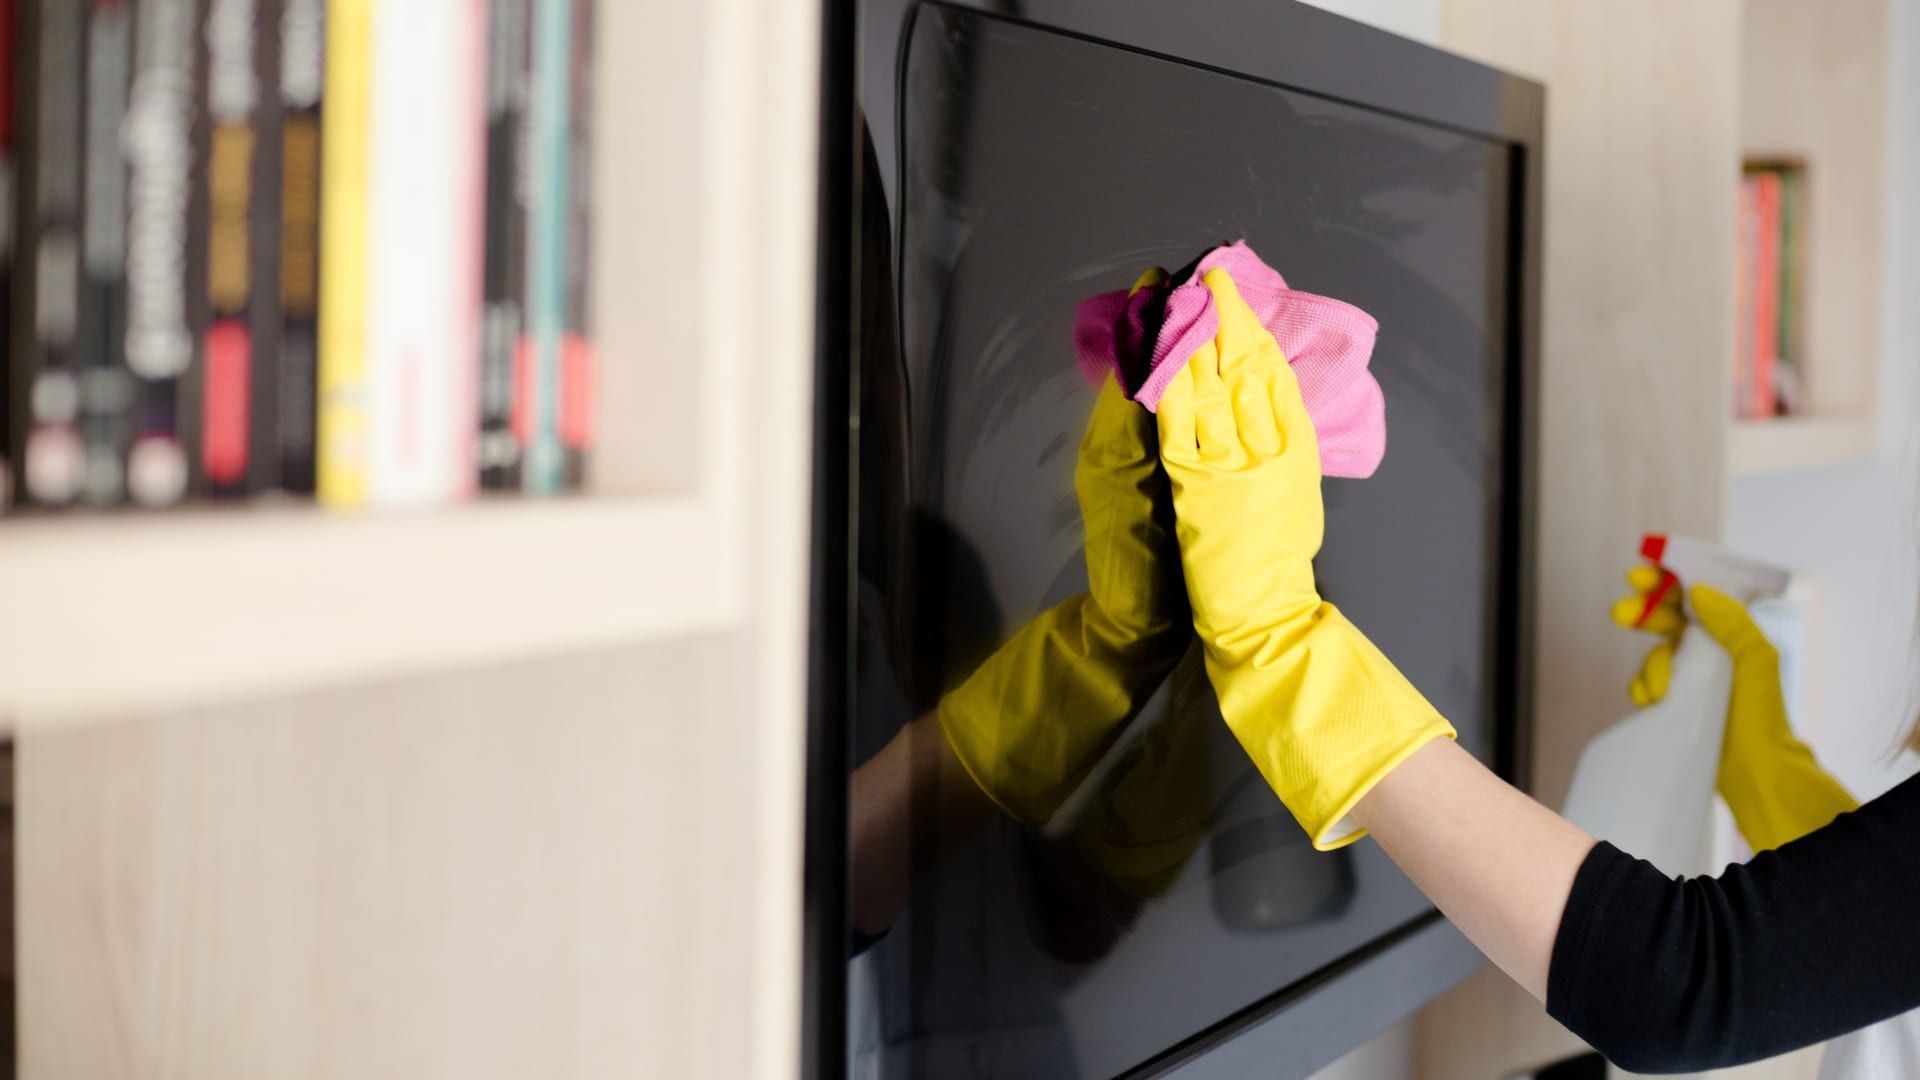 Lembre-se de não exagerar nos líquidos na hora de limpar a tela da TV. (Imagem: Reprodução/Shutterstock)